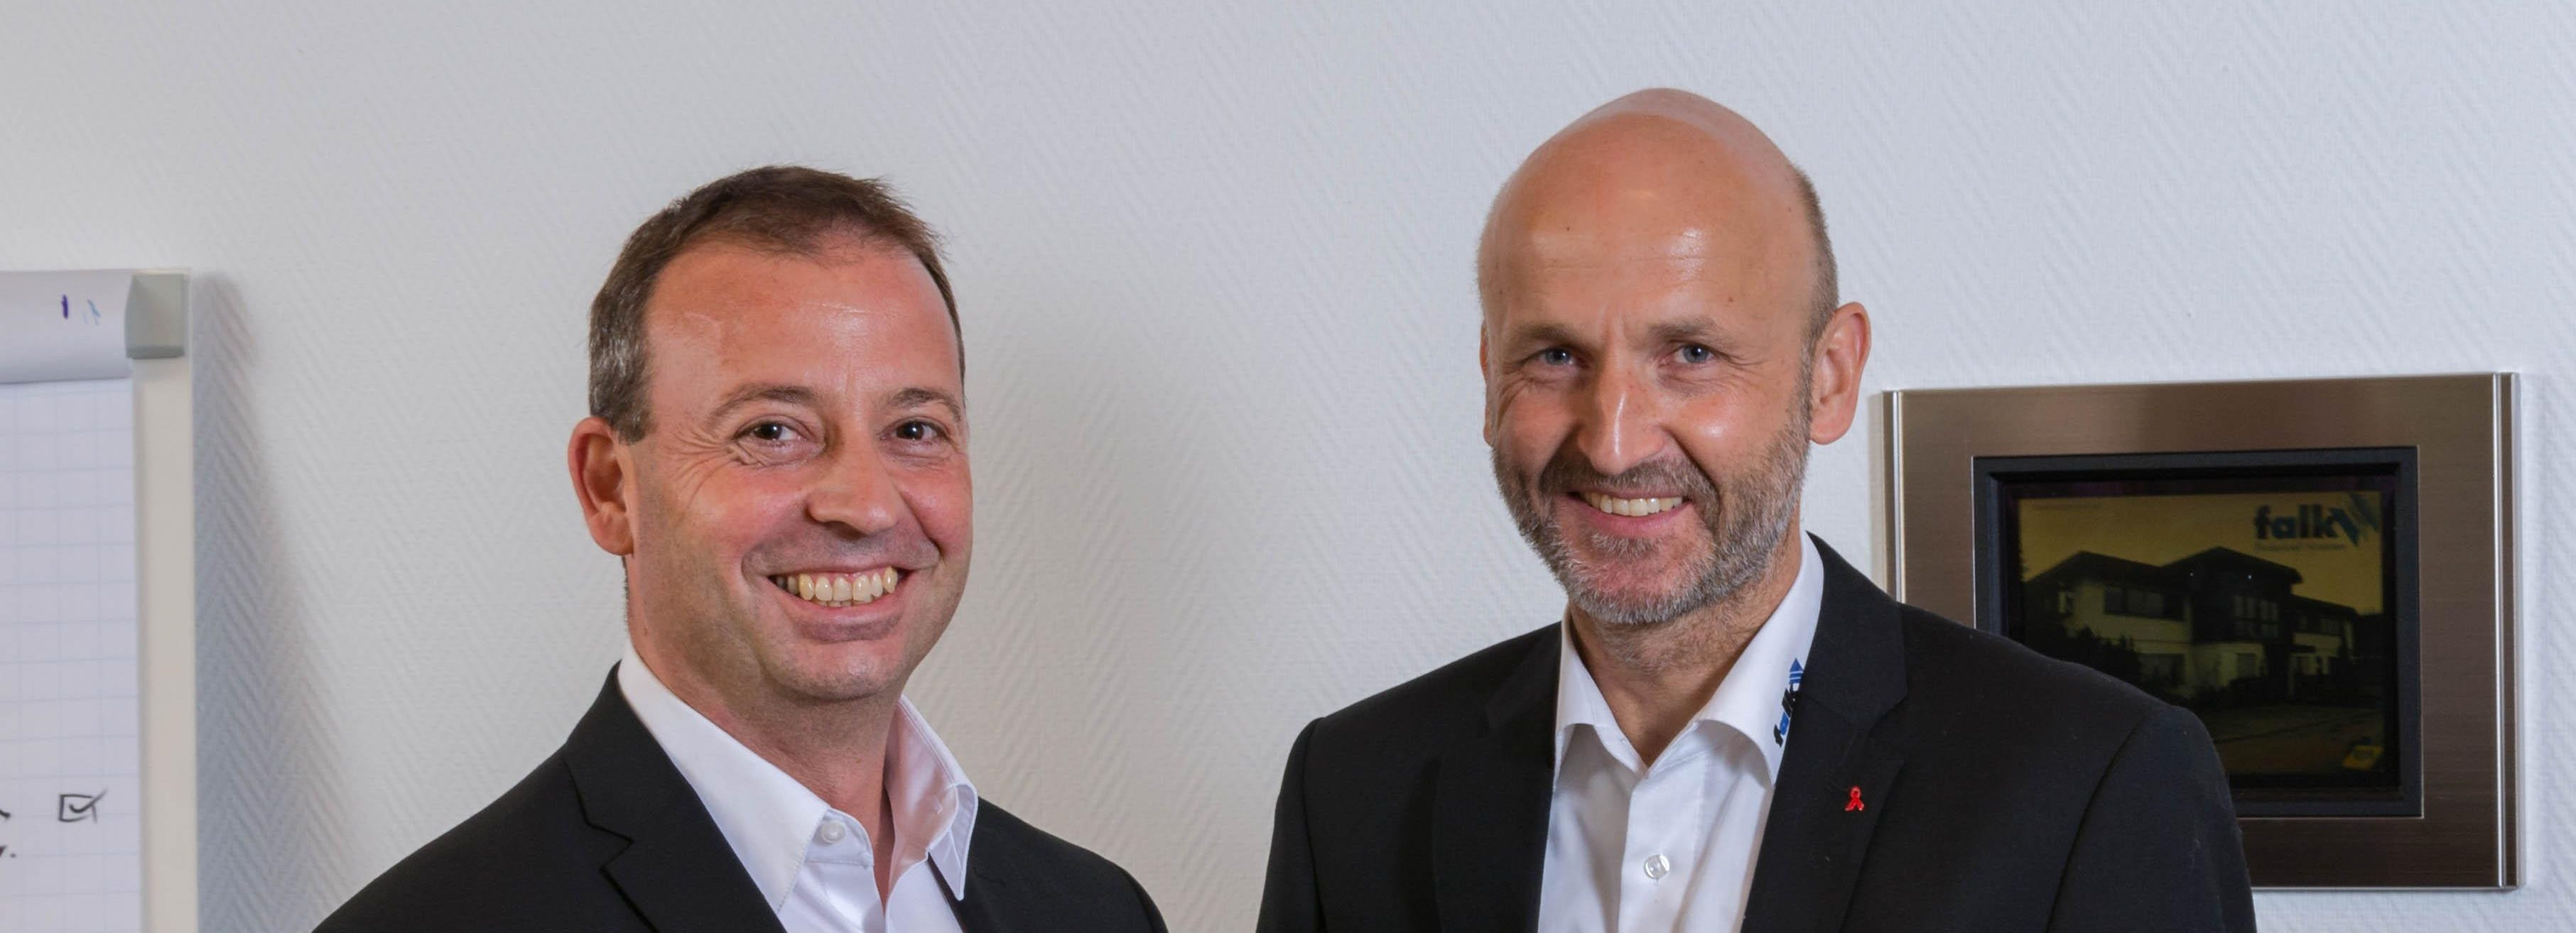 Falk GmbH Technical Systems - die Geschäftsführer Andreas Falk und Heinz-Peter Wolf